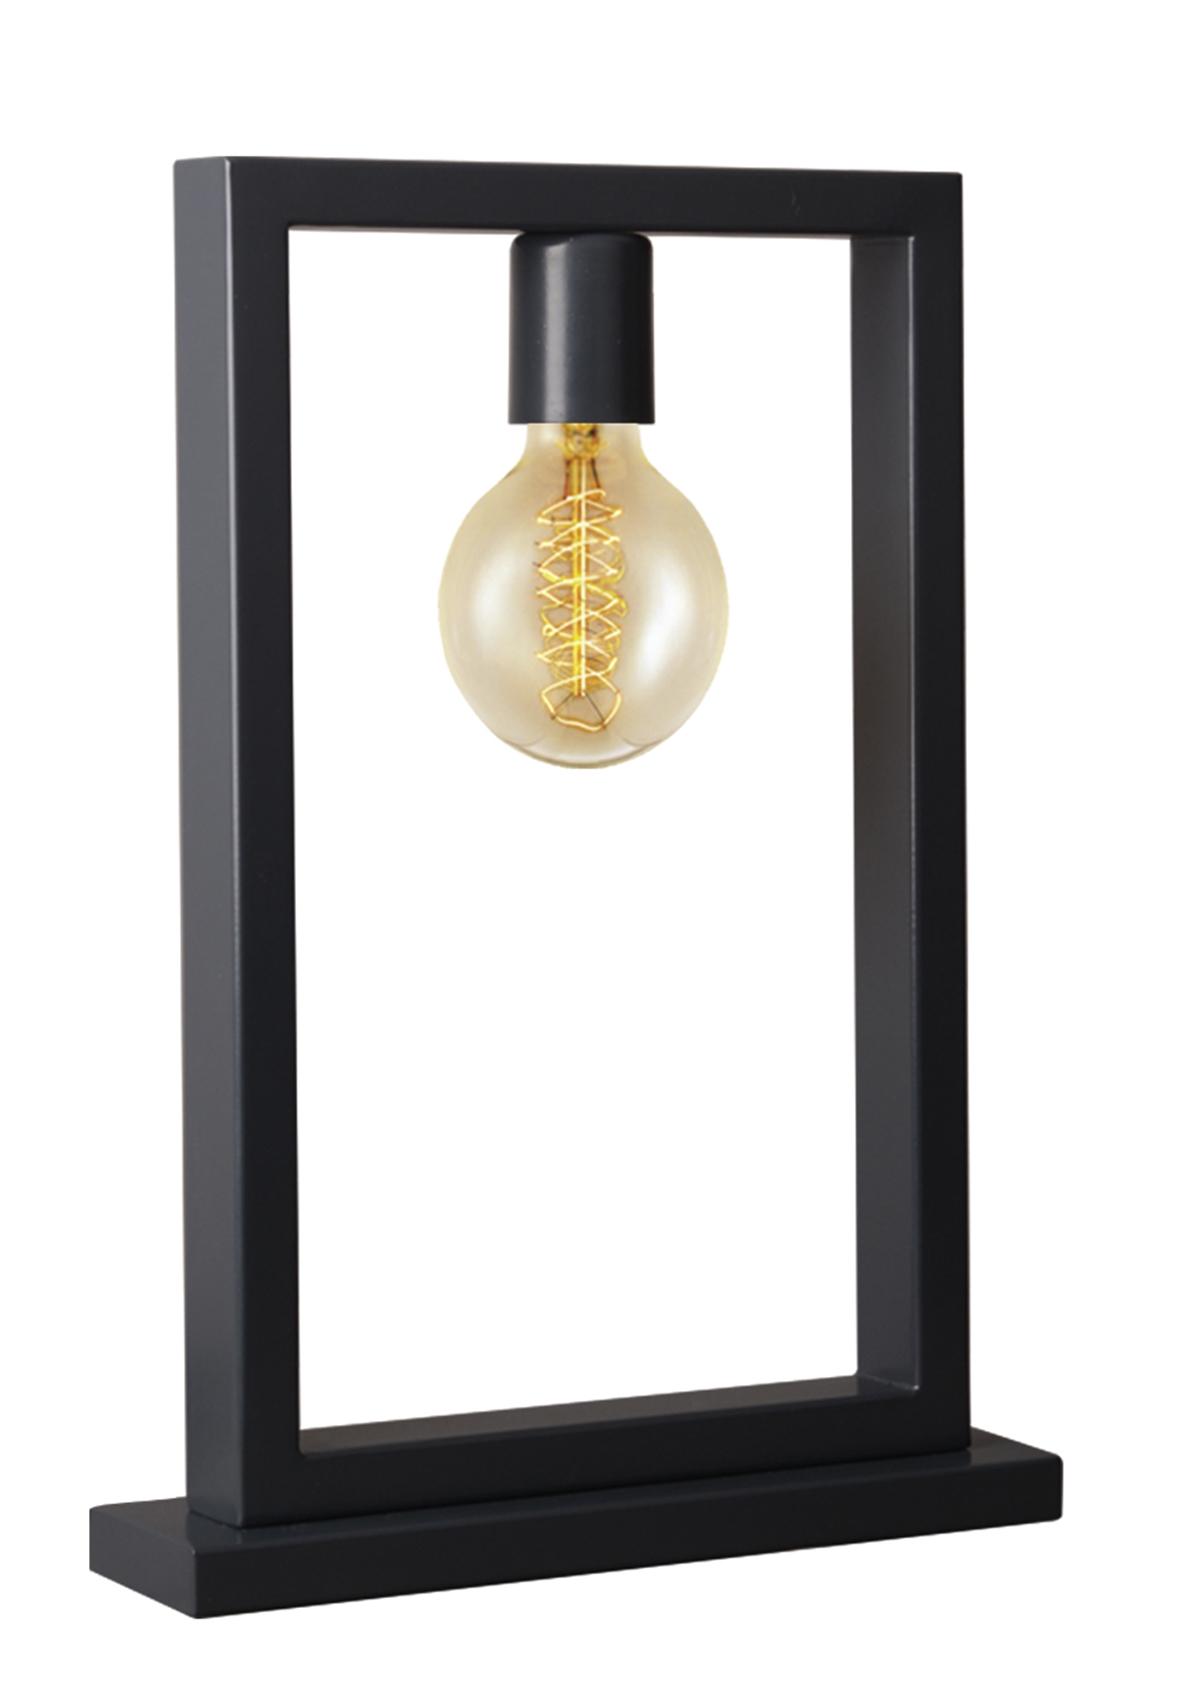 Almila Nachttischlampe Irony in der Farbe Schwarz